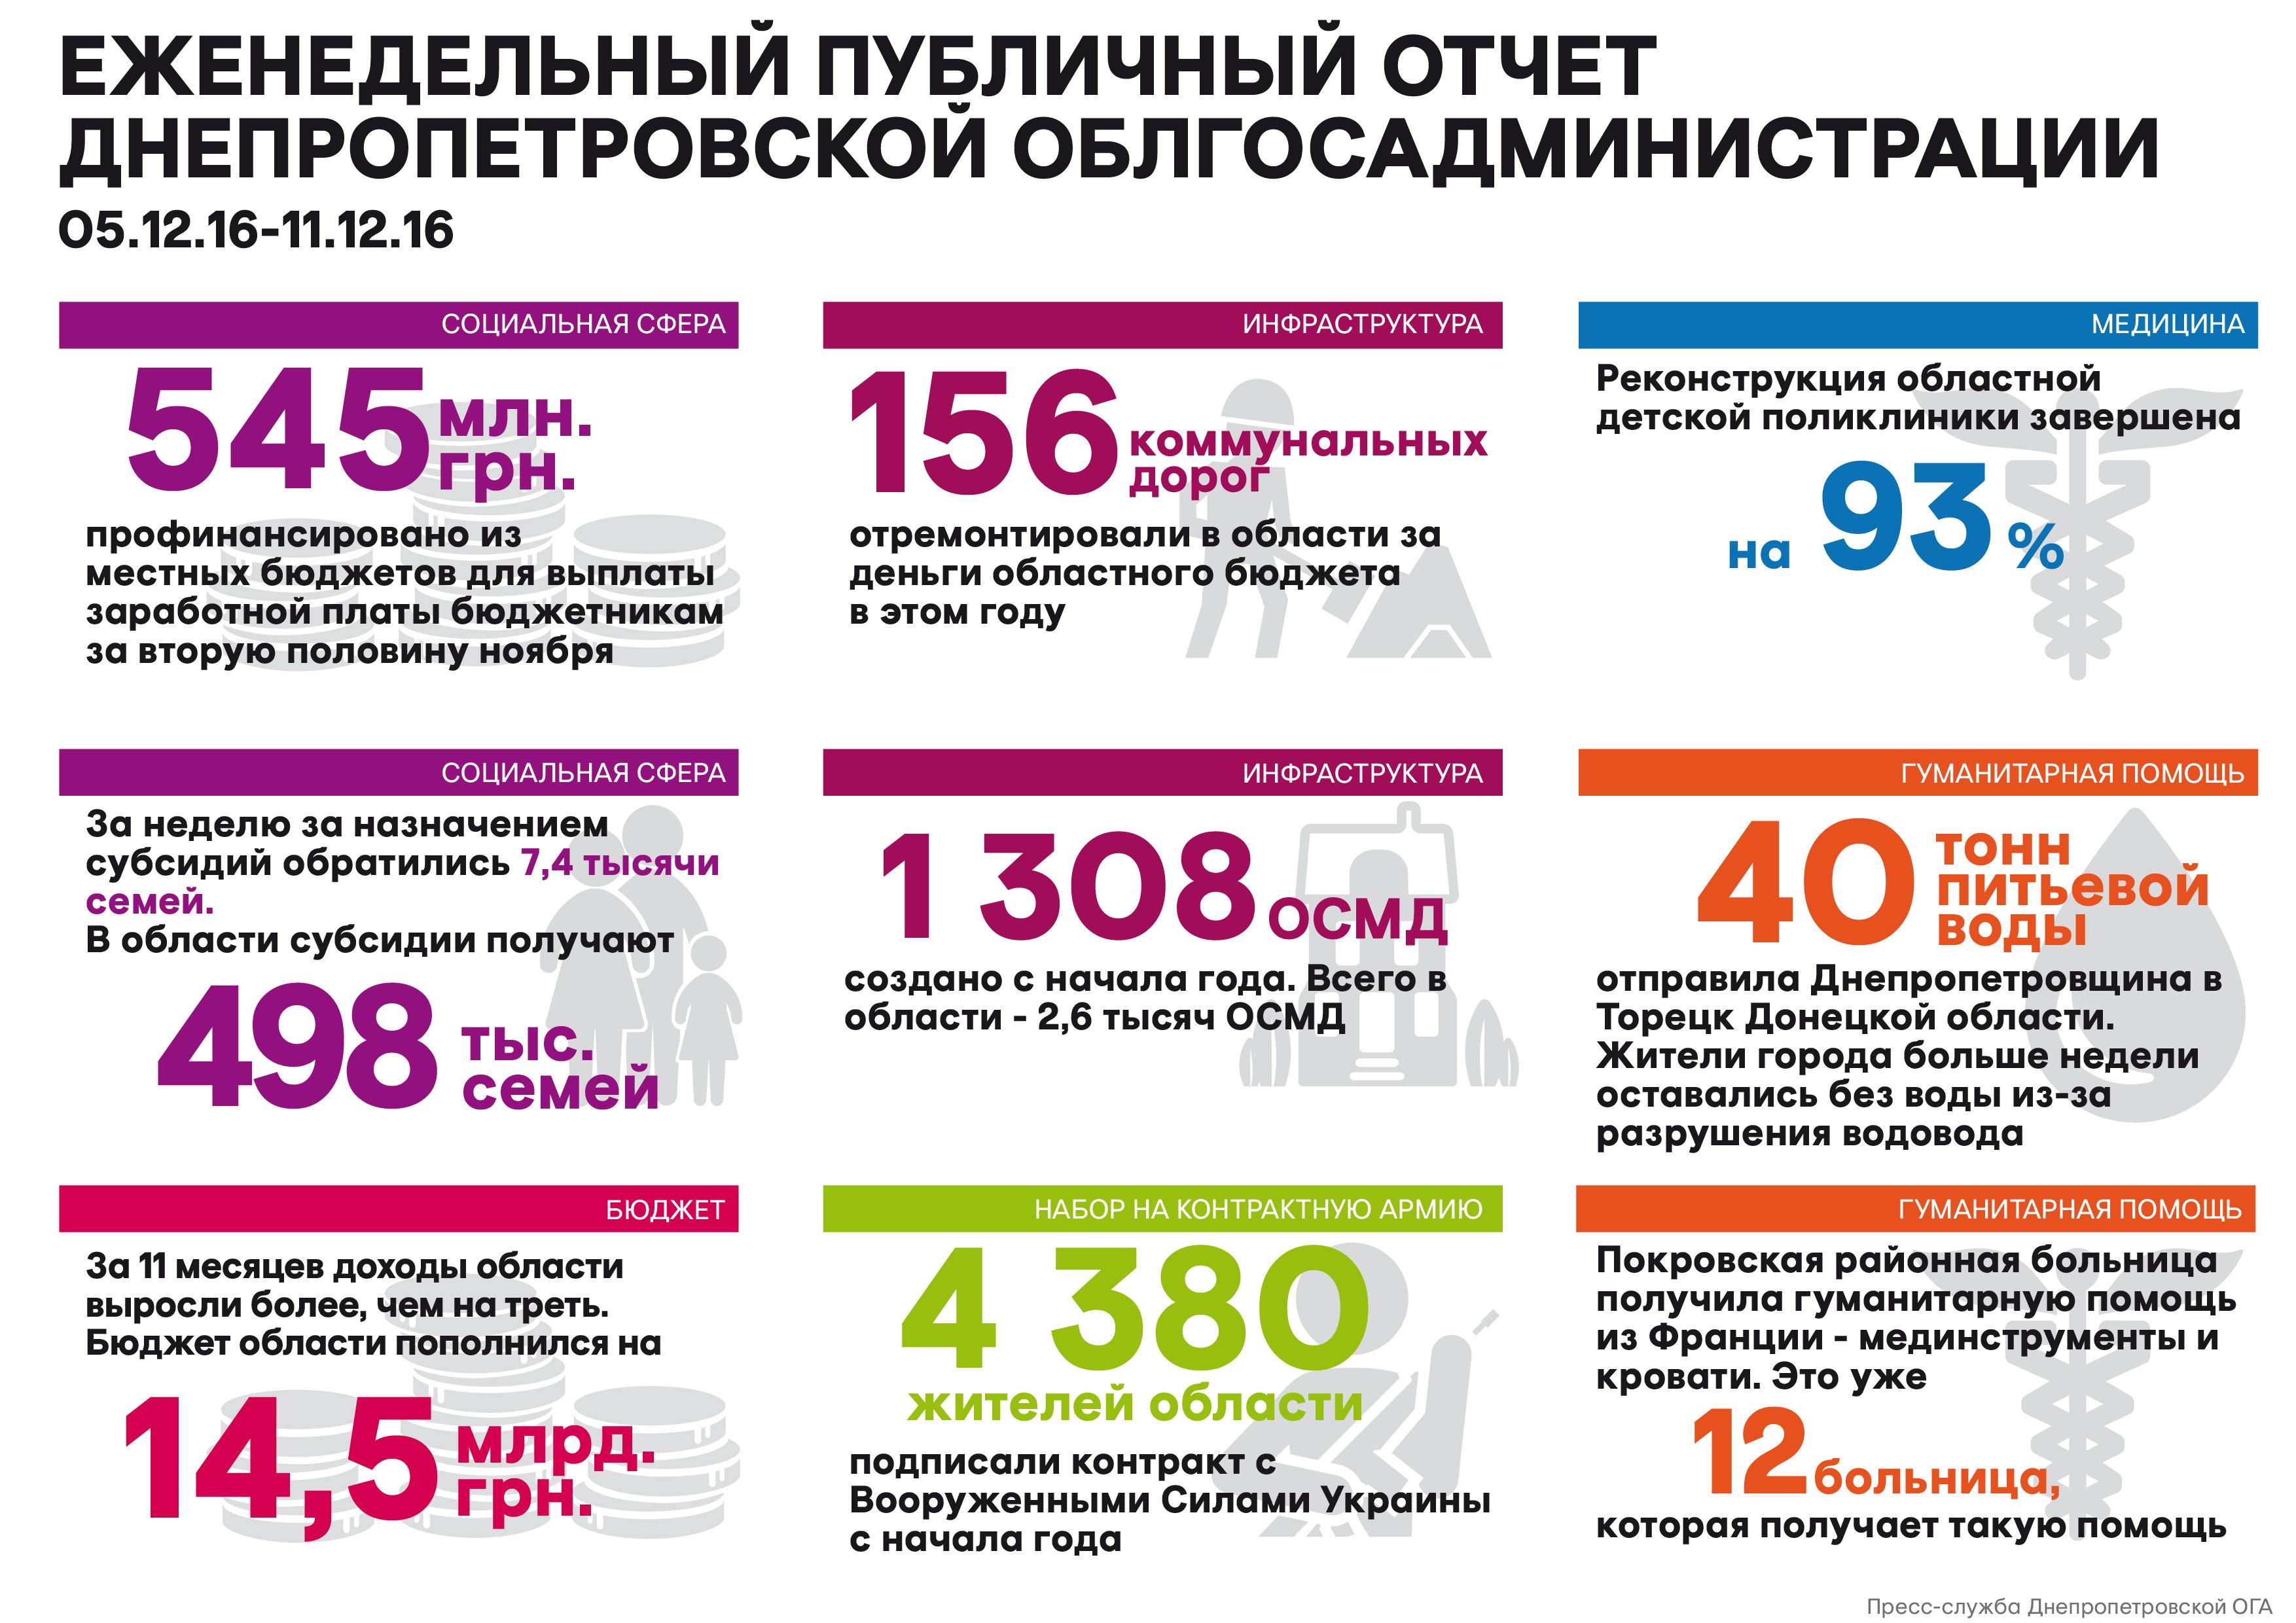 Недельный_отчет_12.12.16_рус_01-01.jpg